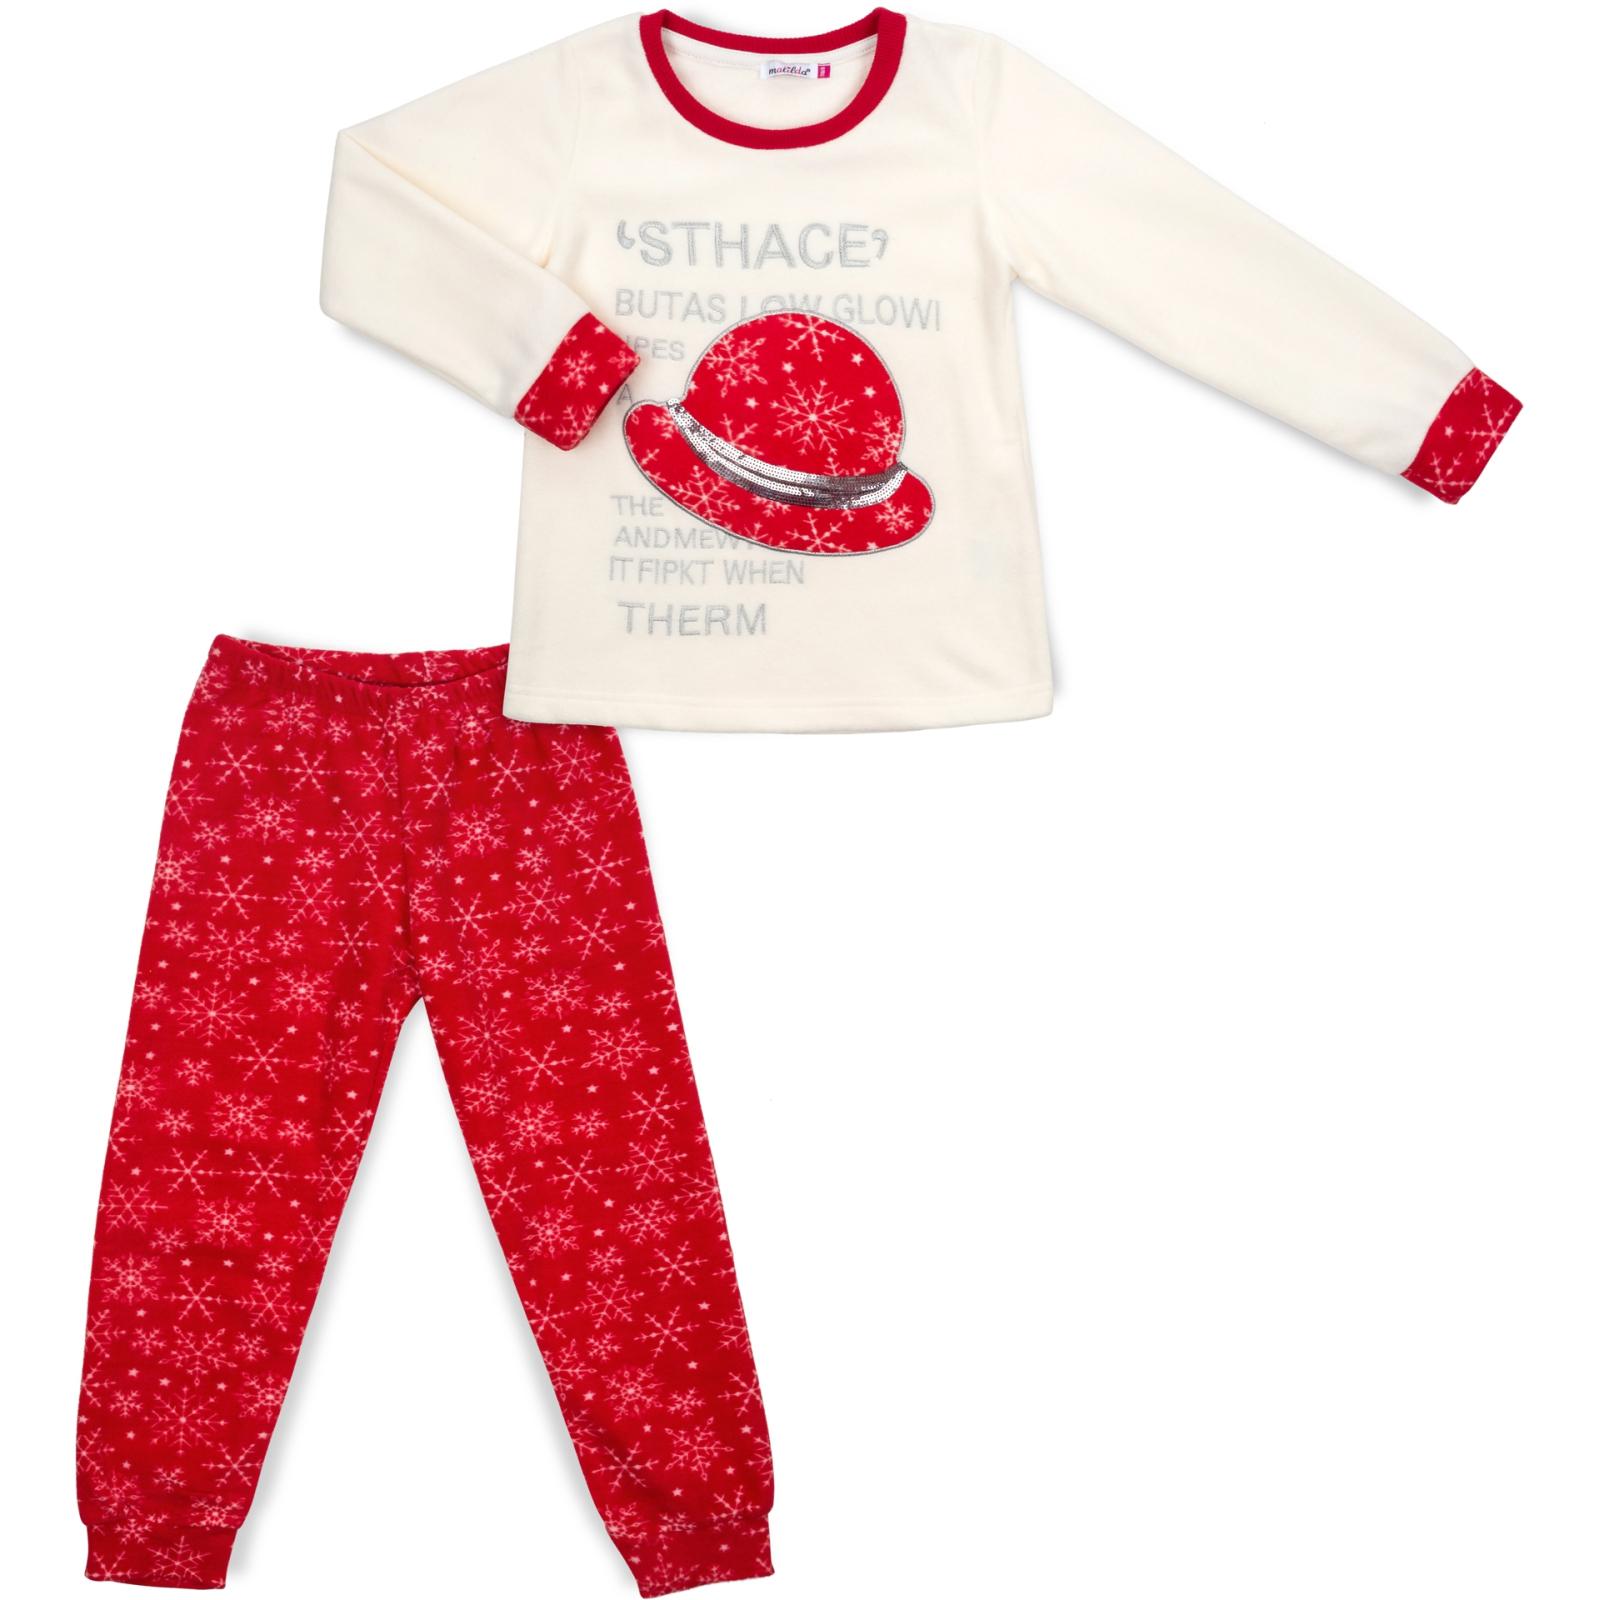 Пижама Matilda флисовая со шляпкой (9110-3-134G-red)